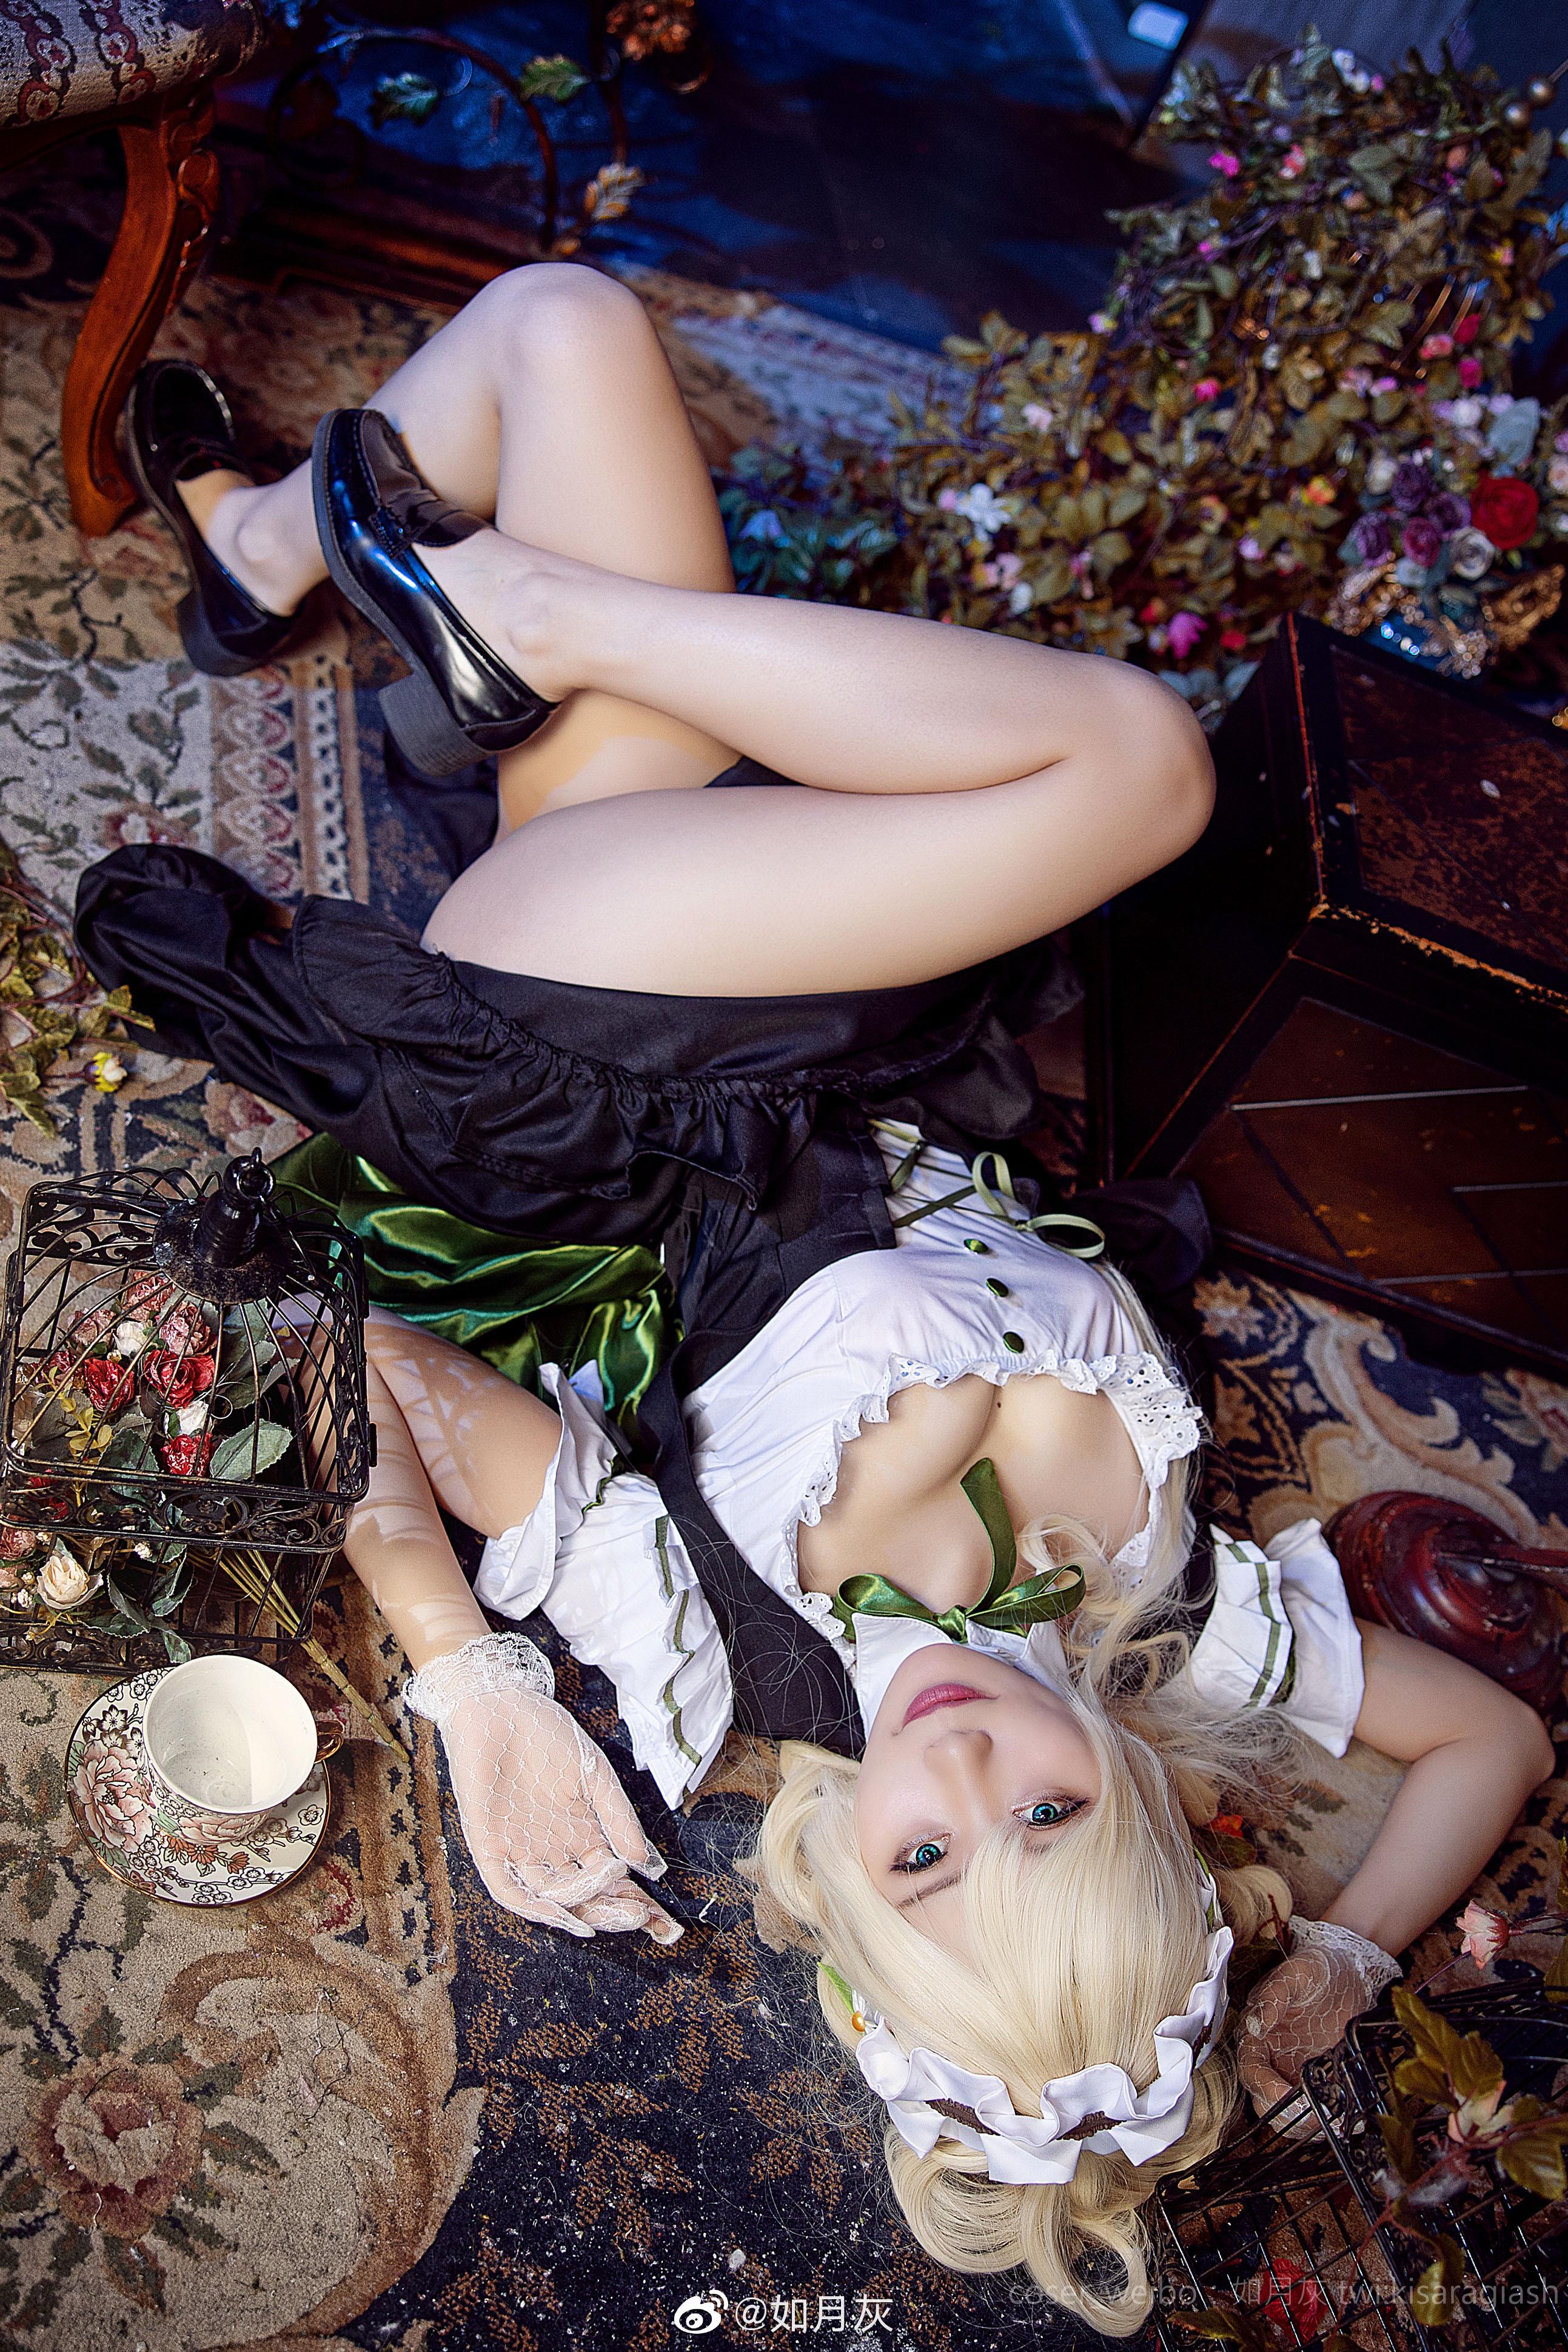 《双生视界》格兰妮女仆Cosplay(9P)